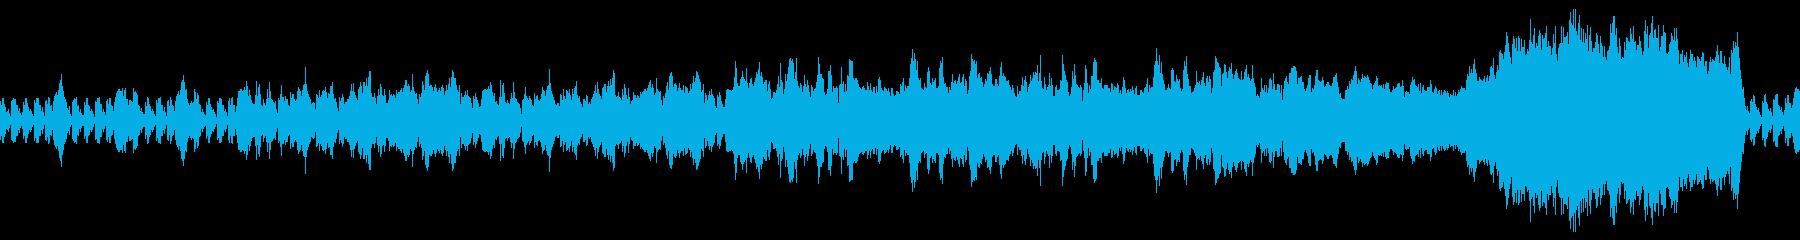 戦闘をイメージしたオーケストラ曲の再生済みの波形